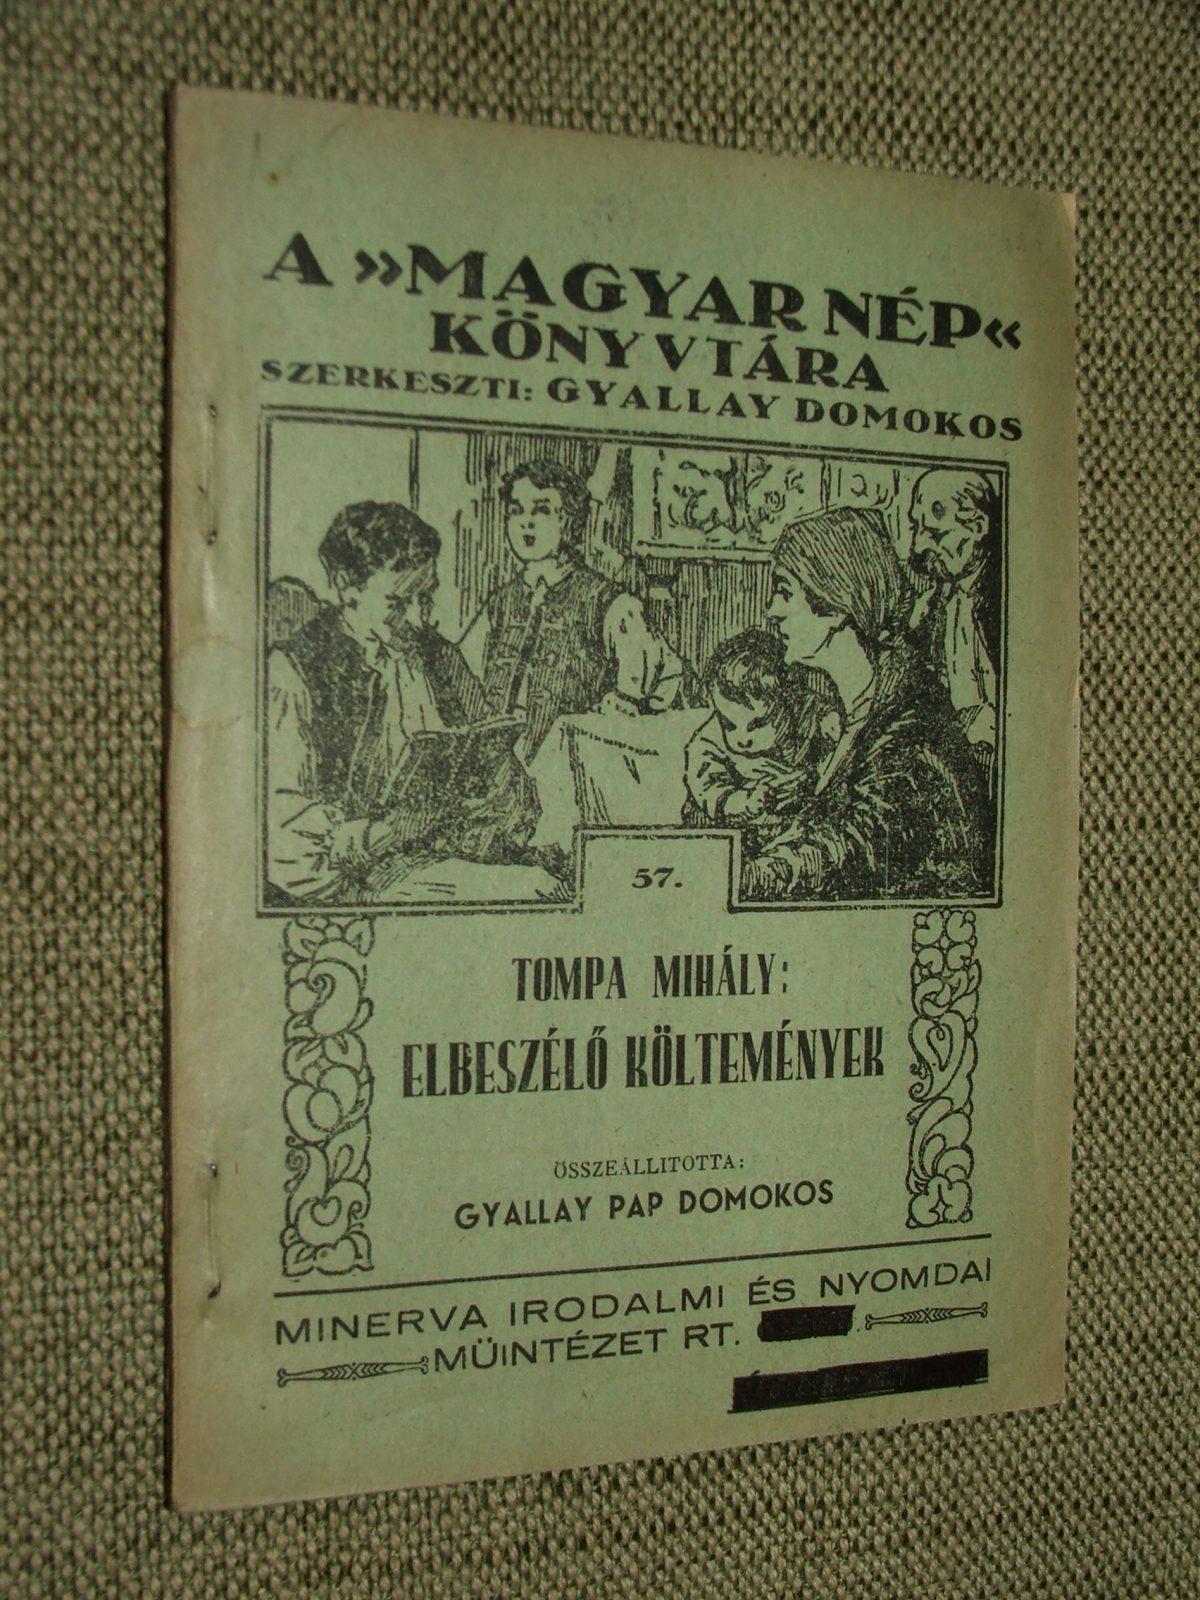 TOMPA Mihály: Elbeszélő költemények